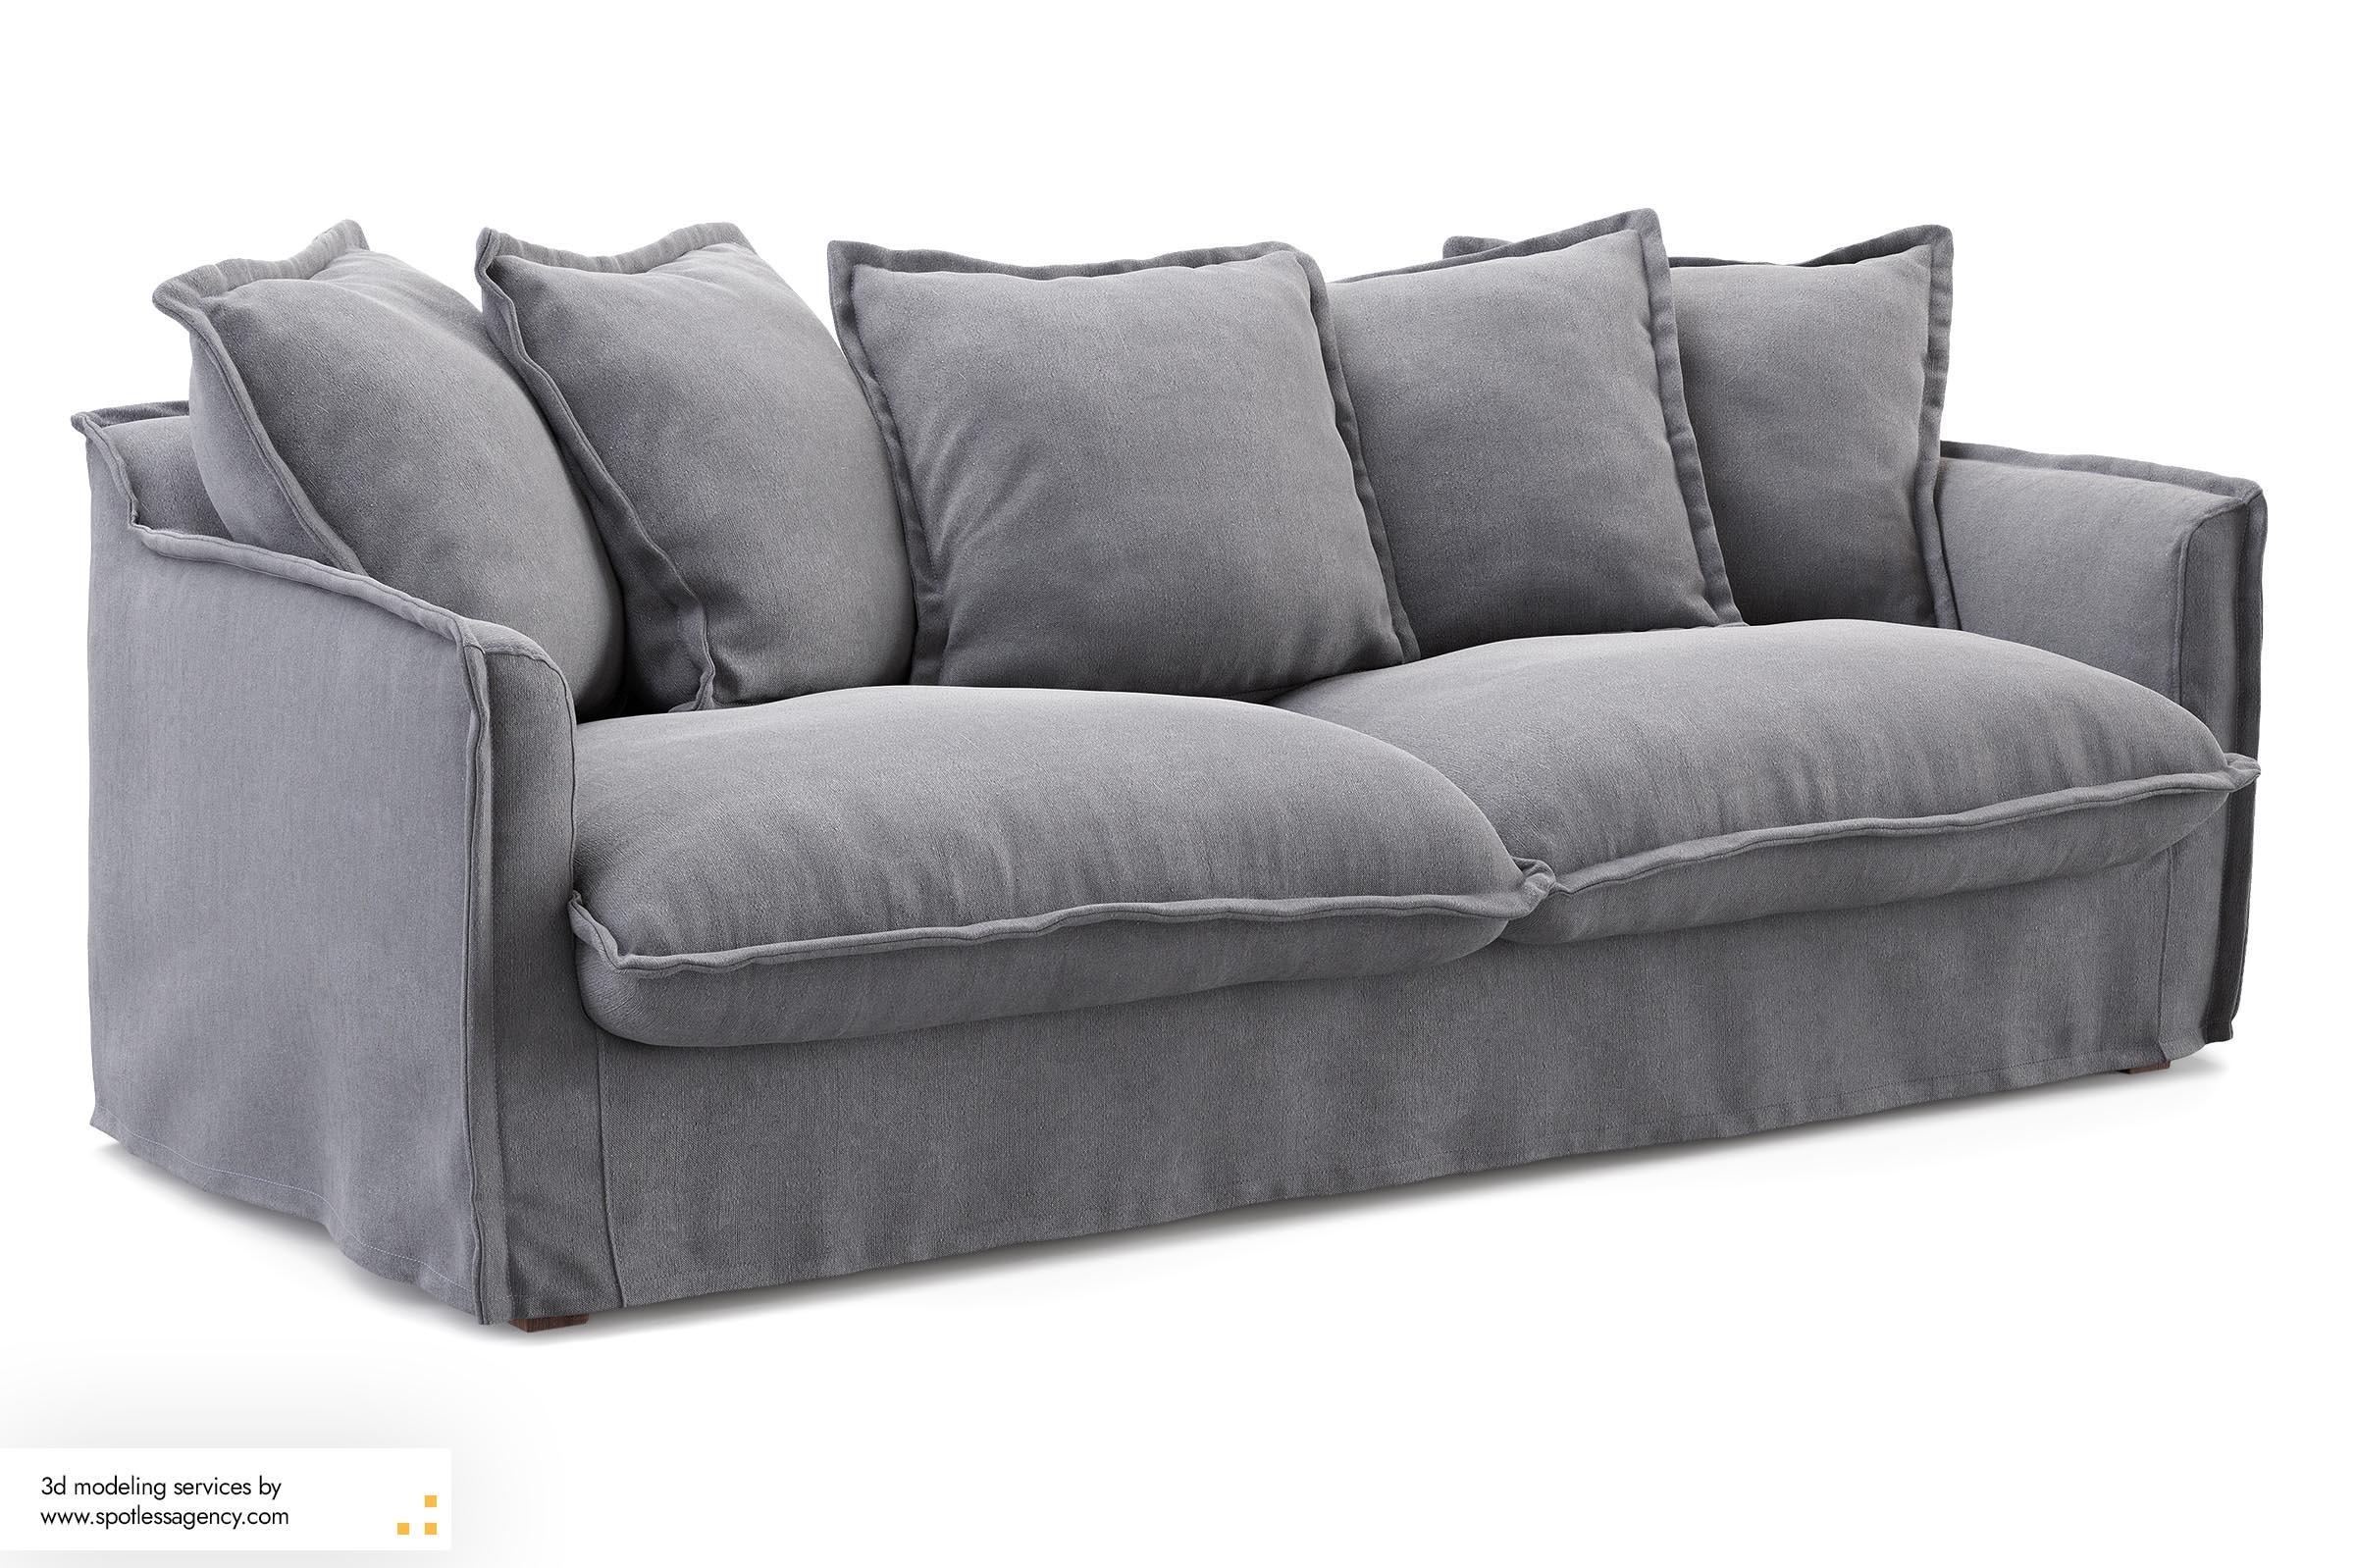 Sofa 3d Model 8